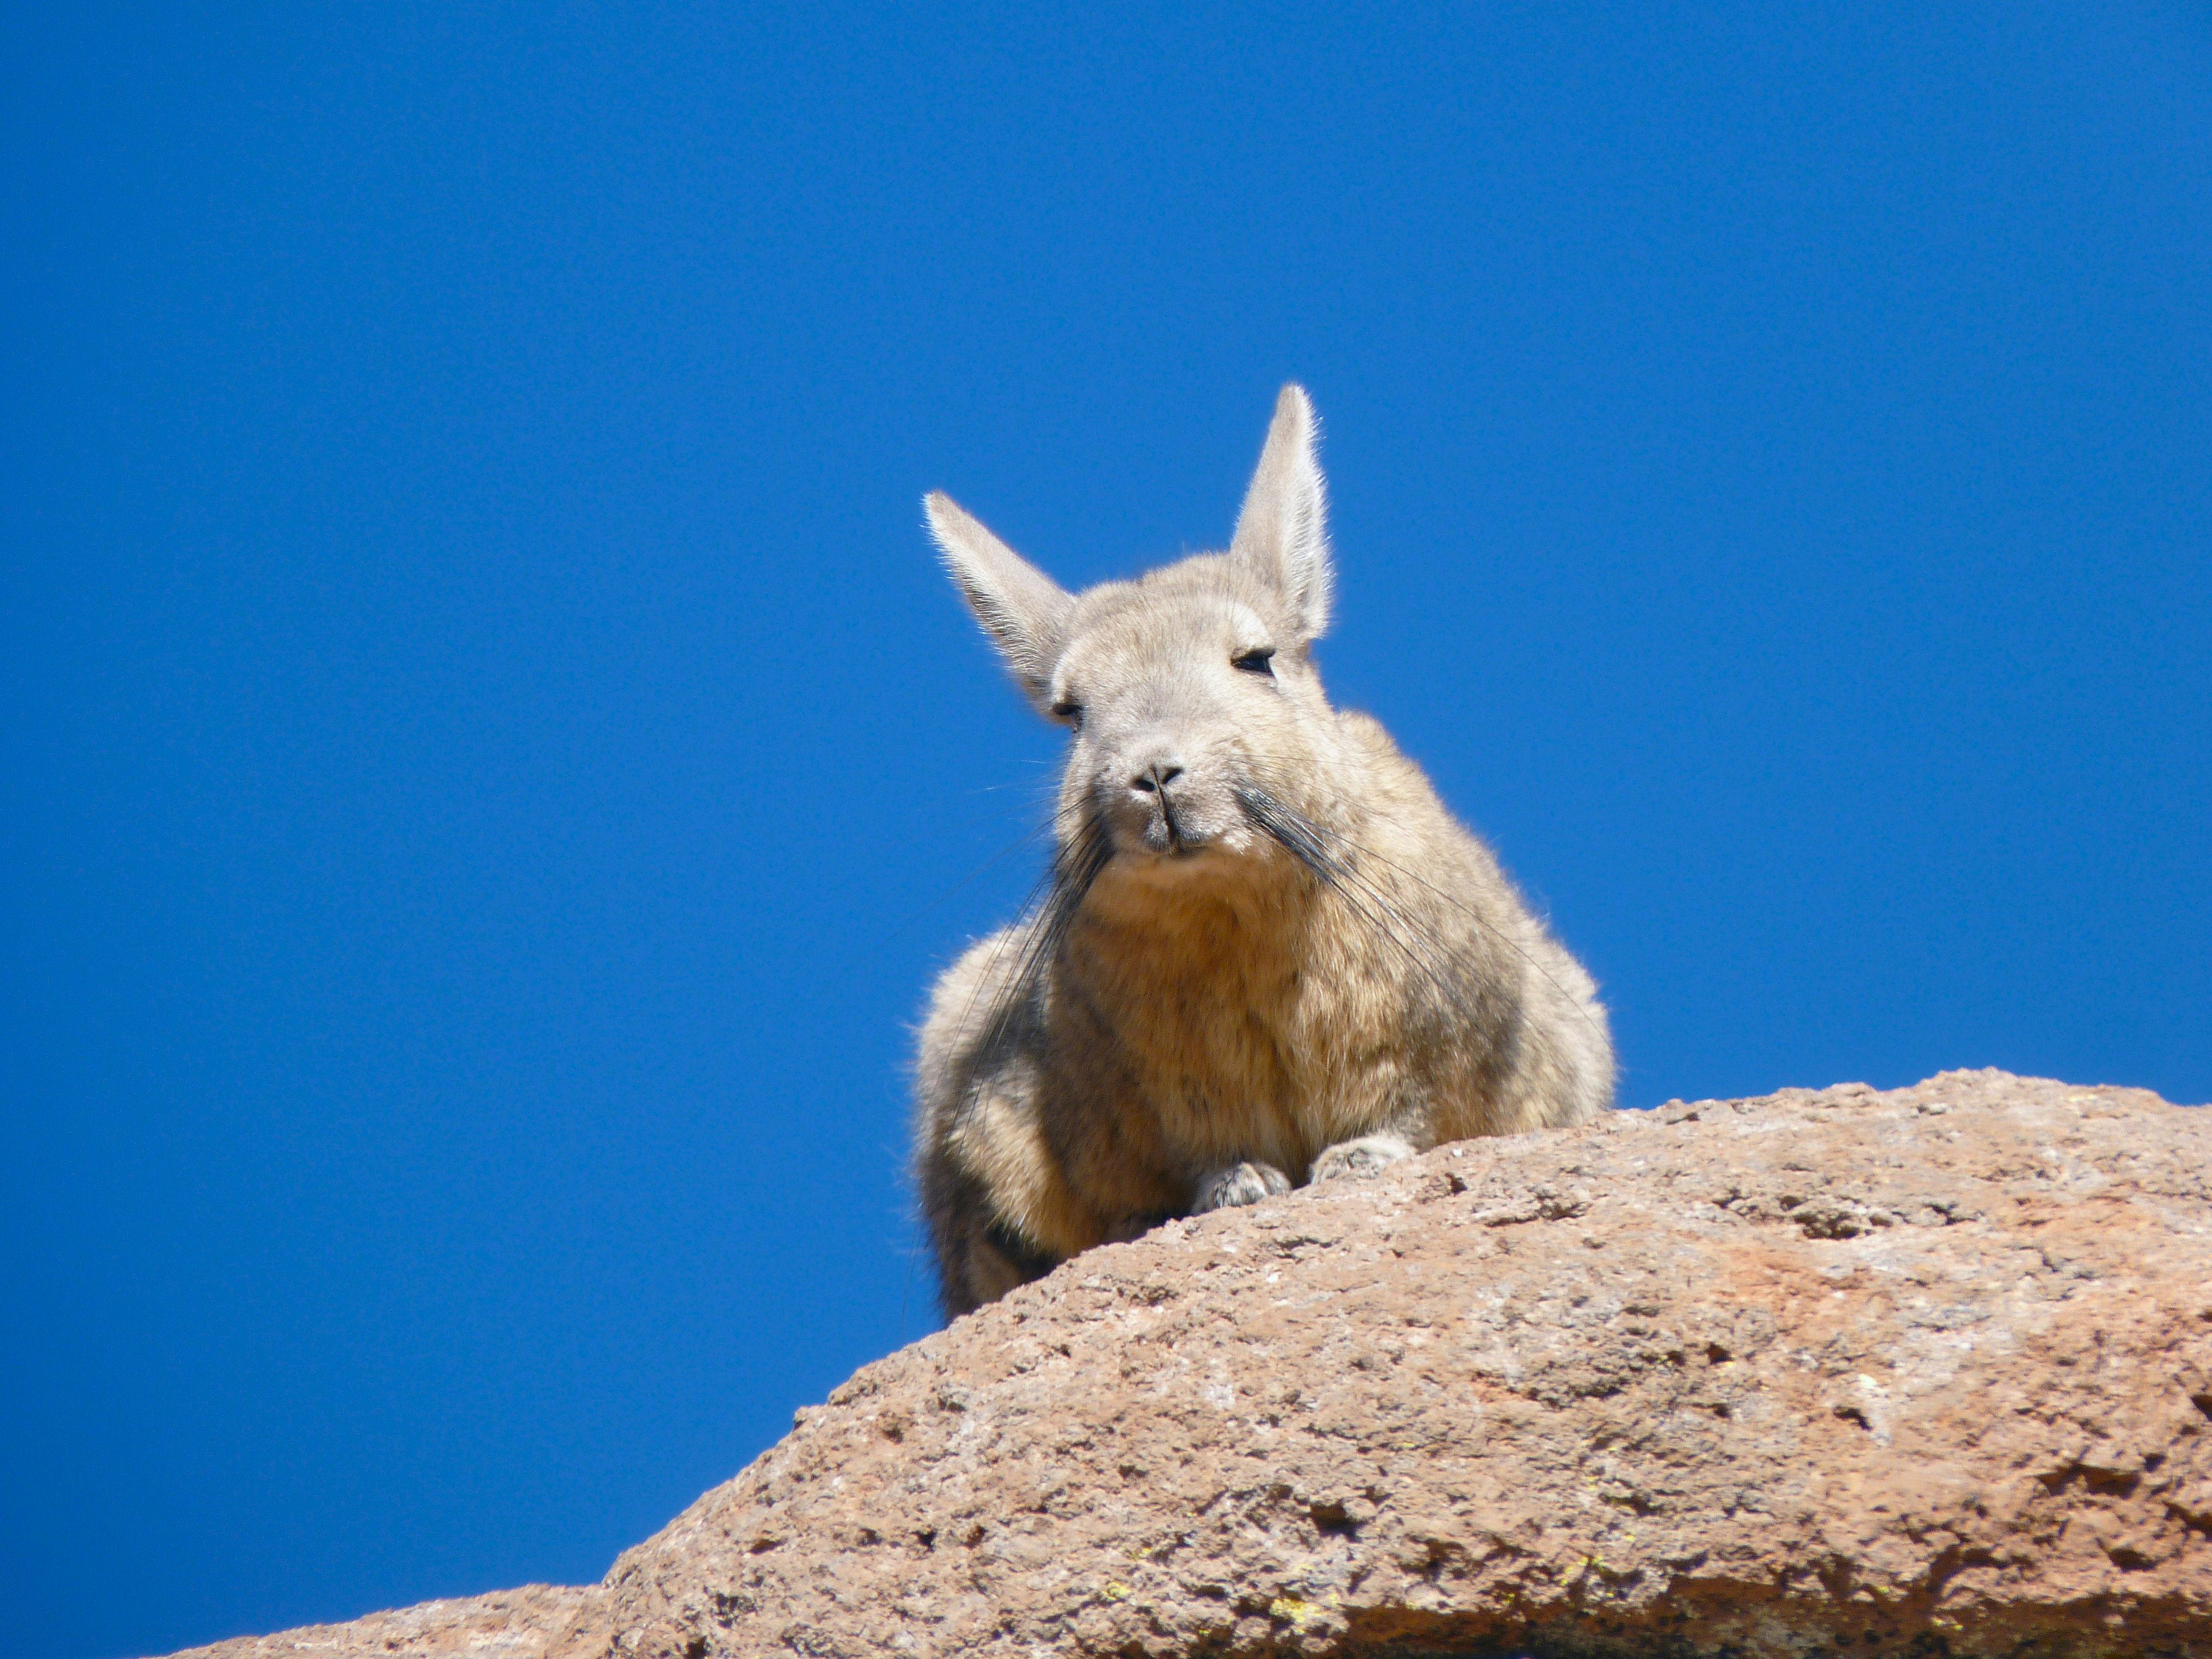 A ces hauteurs extrêmes, la vie s'encourage à se maintenir : des lapins géants se nourrissent de lichens verdoyants